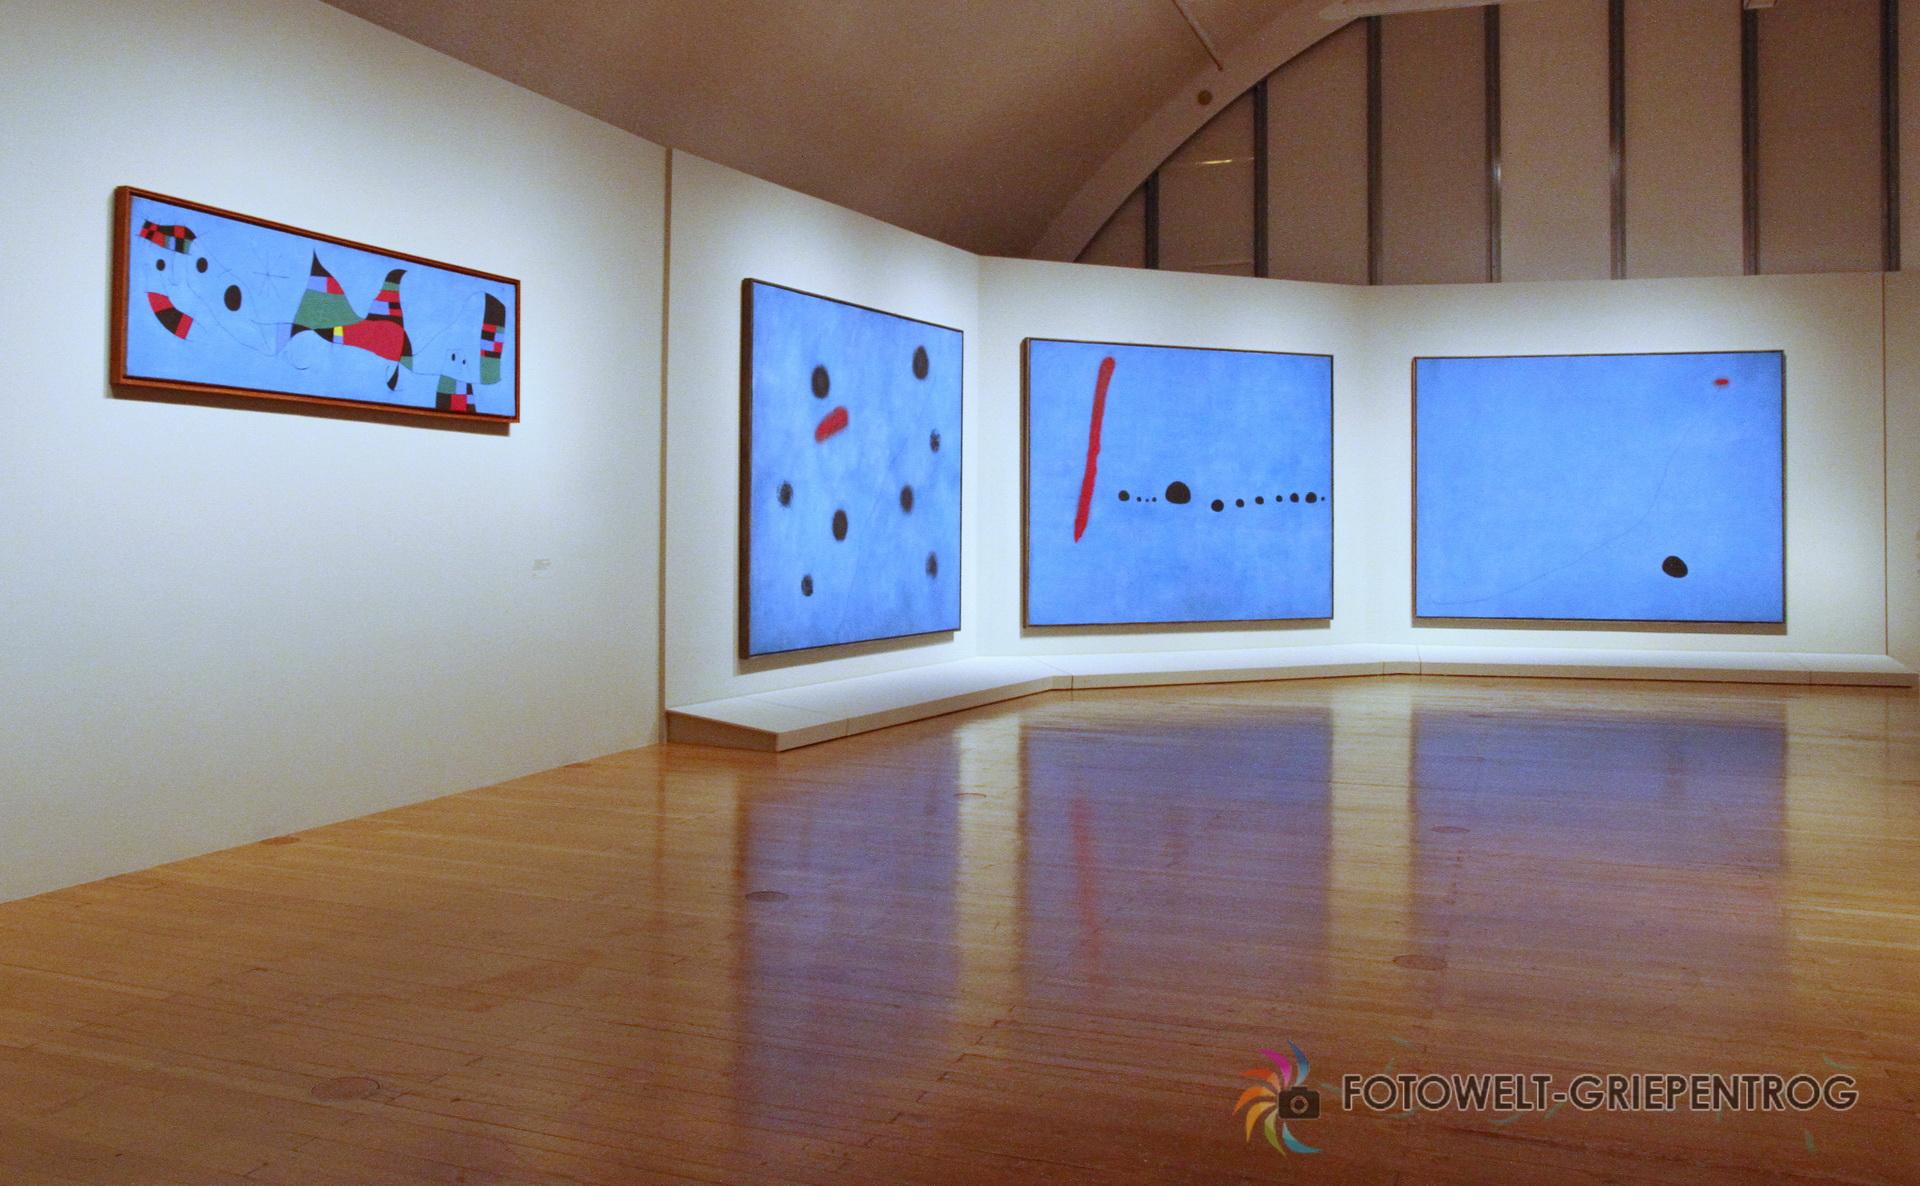 Joan_Miró_Schirn027